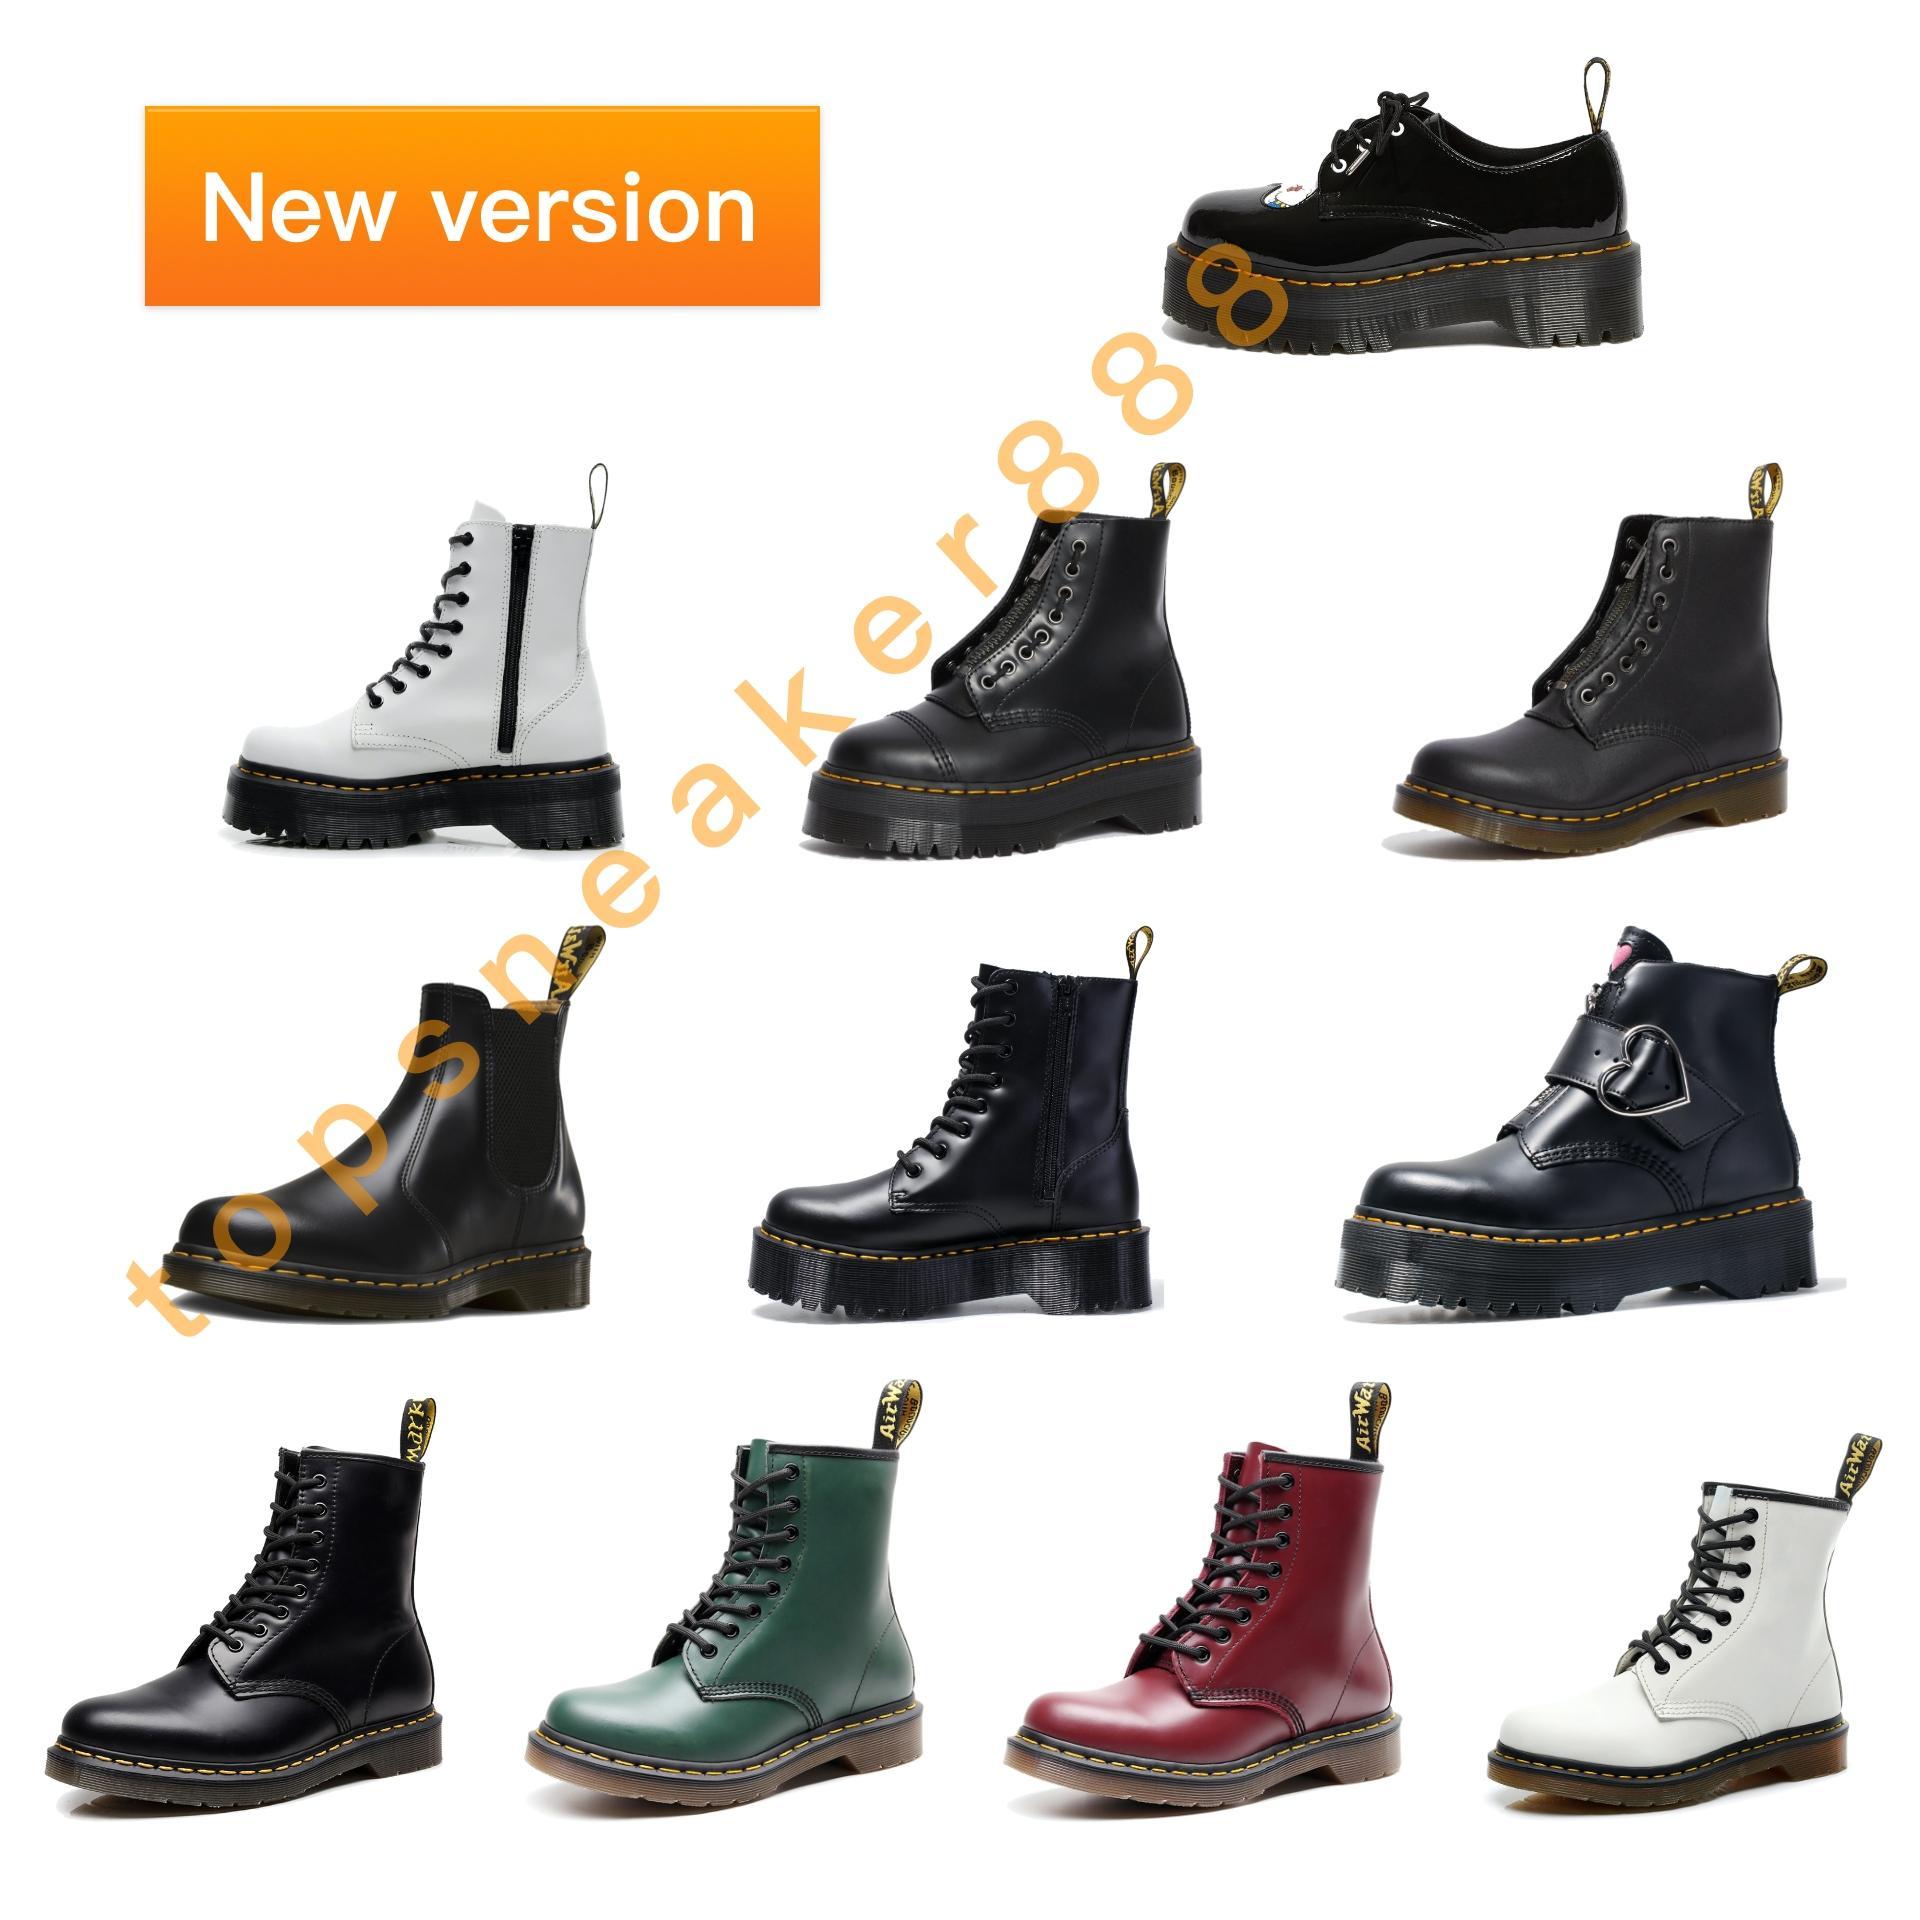 Dr Martins 2976 Человек Boots Женщины Boots Черный Белый Красный 1460 SINCLAIR SMOOTH ЖЕНСКОЙ КОЖИ ПЛАТФОРМЫ Boots ЕС 35-46